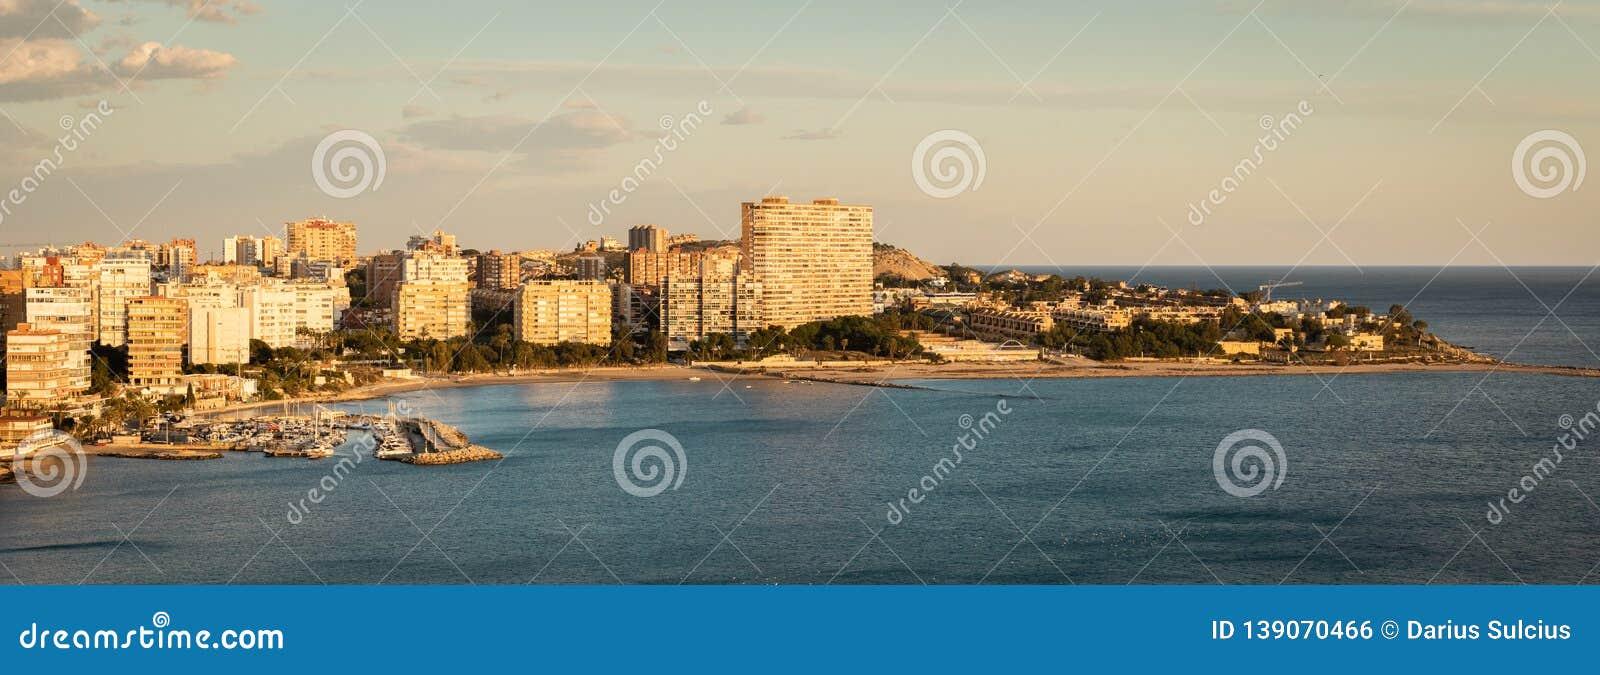 Πανοραμική άποψη Playa de San Juan, Αλικάντε, Ισπανία Κατά τη διάρκεια του συμπαθητικού ηλιοβασιλέματος